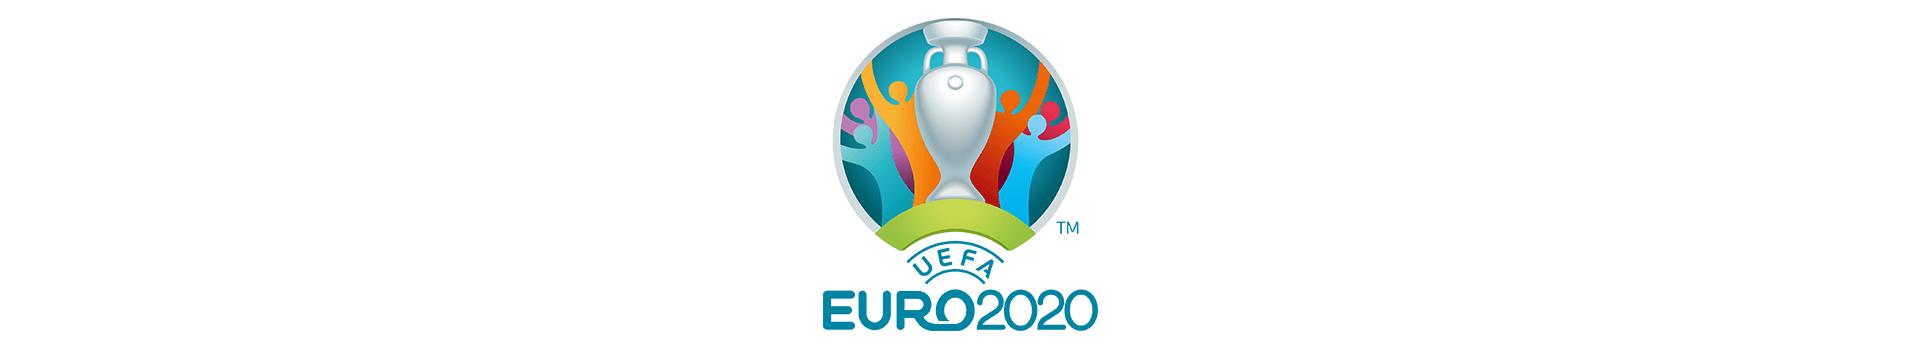 Quoten Europameister